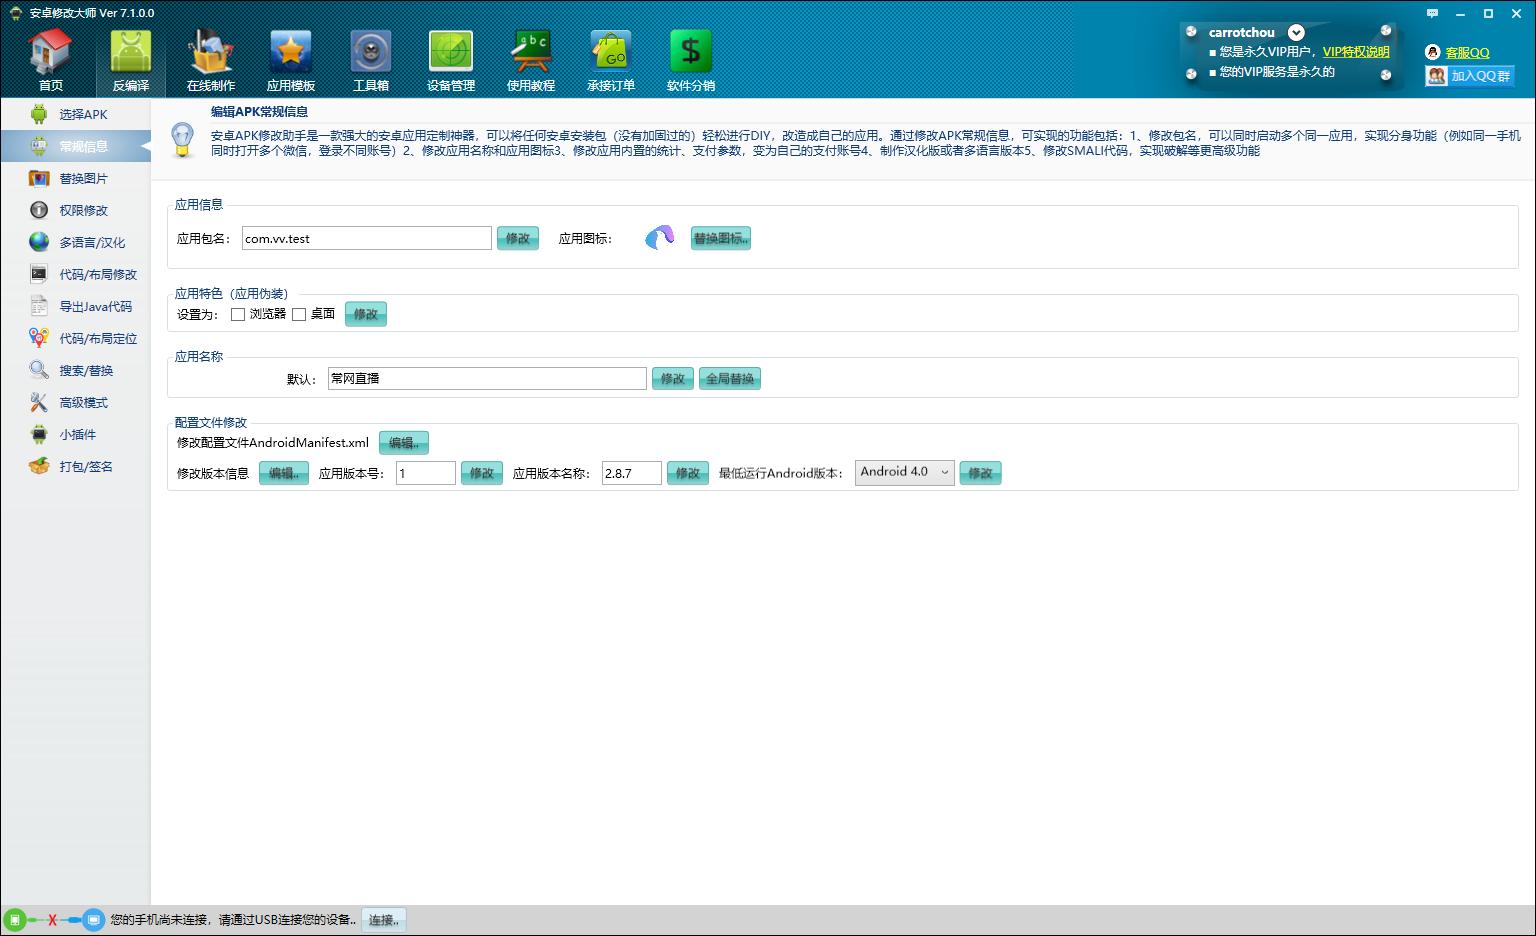 安卓应用APK反编译修改打包软件安卓修改大师v7.1破解版-常网小站Miknio